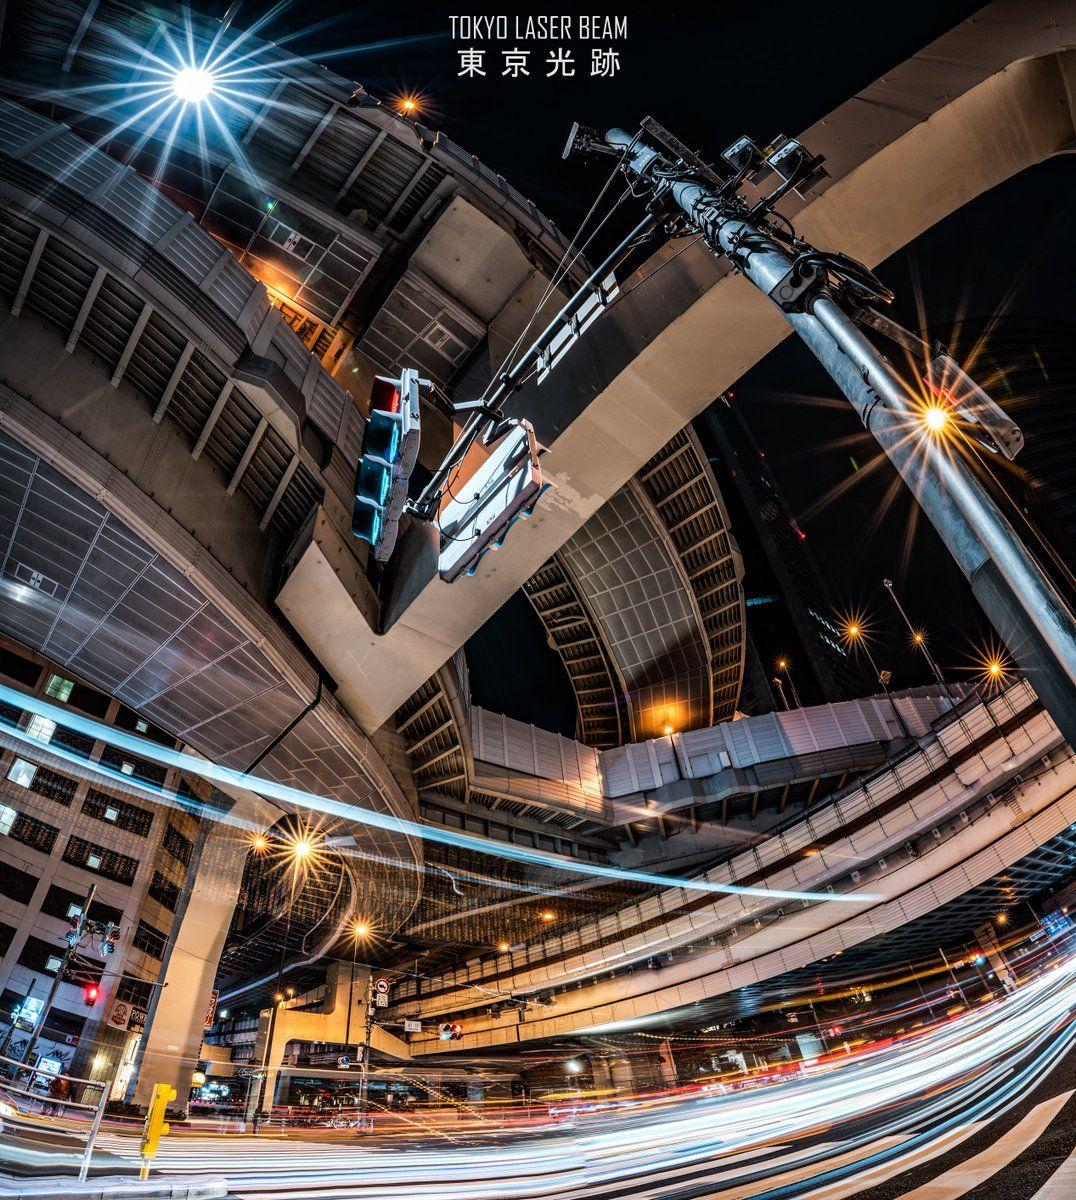 #東京 #新宿 #西新宿ジャンクション #ジャンクション #風景 #夜景 #光跡 #東京光跡 #長時間露光 #長秒露光  #japan #tokyo #shinjuku #lighttrail #landscape #nightview  #tokyo_laser_beam #longexposure  #SonyAlpha #a7riii